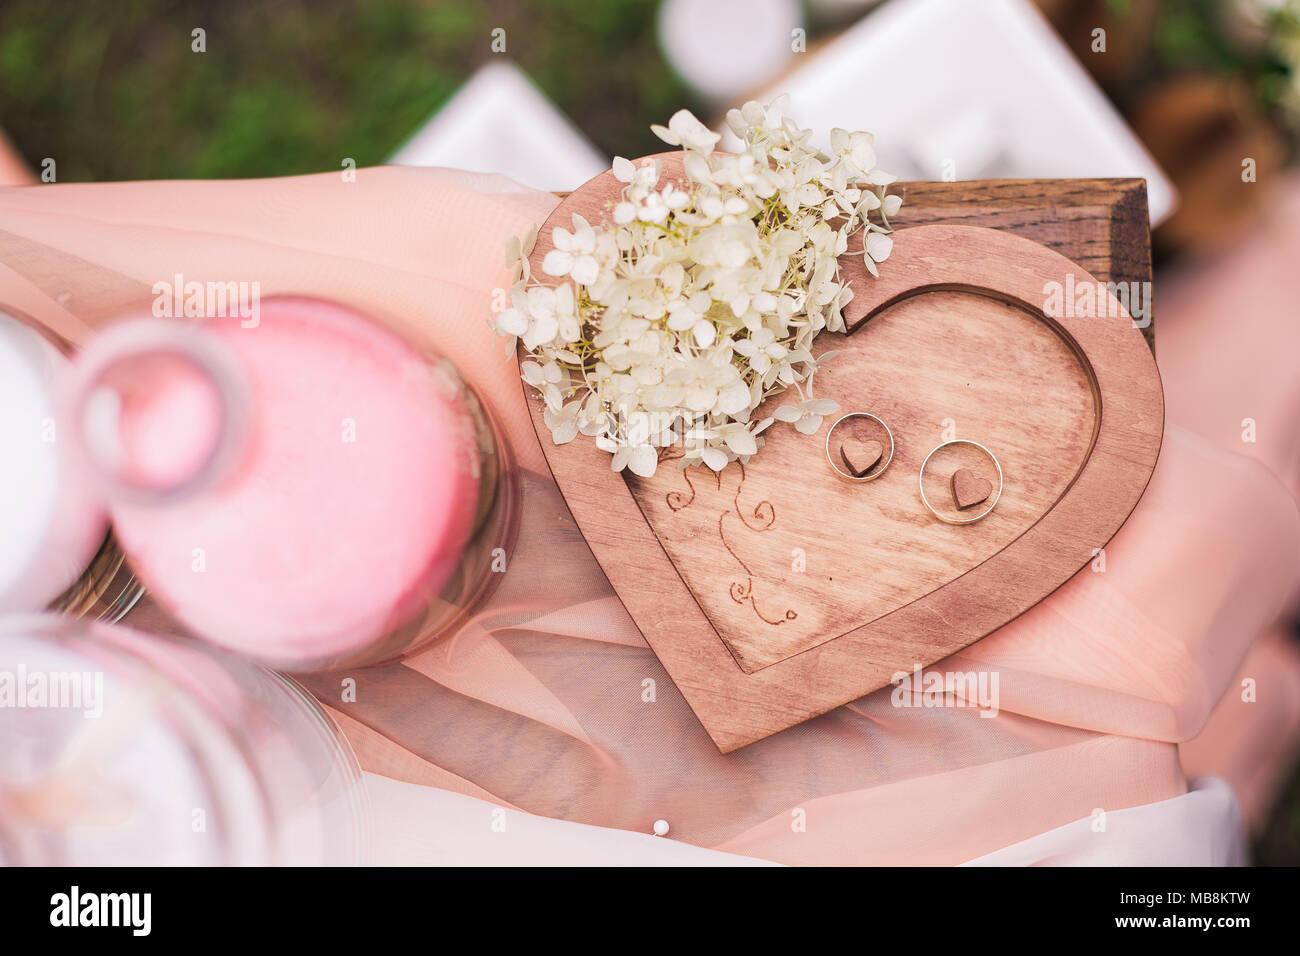 Nahaufnahme Blick von oben auf die beiden goldenen Hochzeit Ringe auf Holz Herz Hintergrund mit